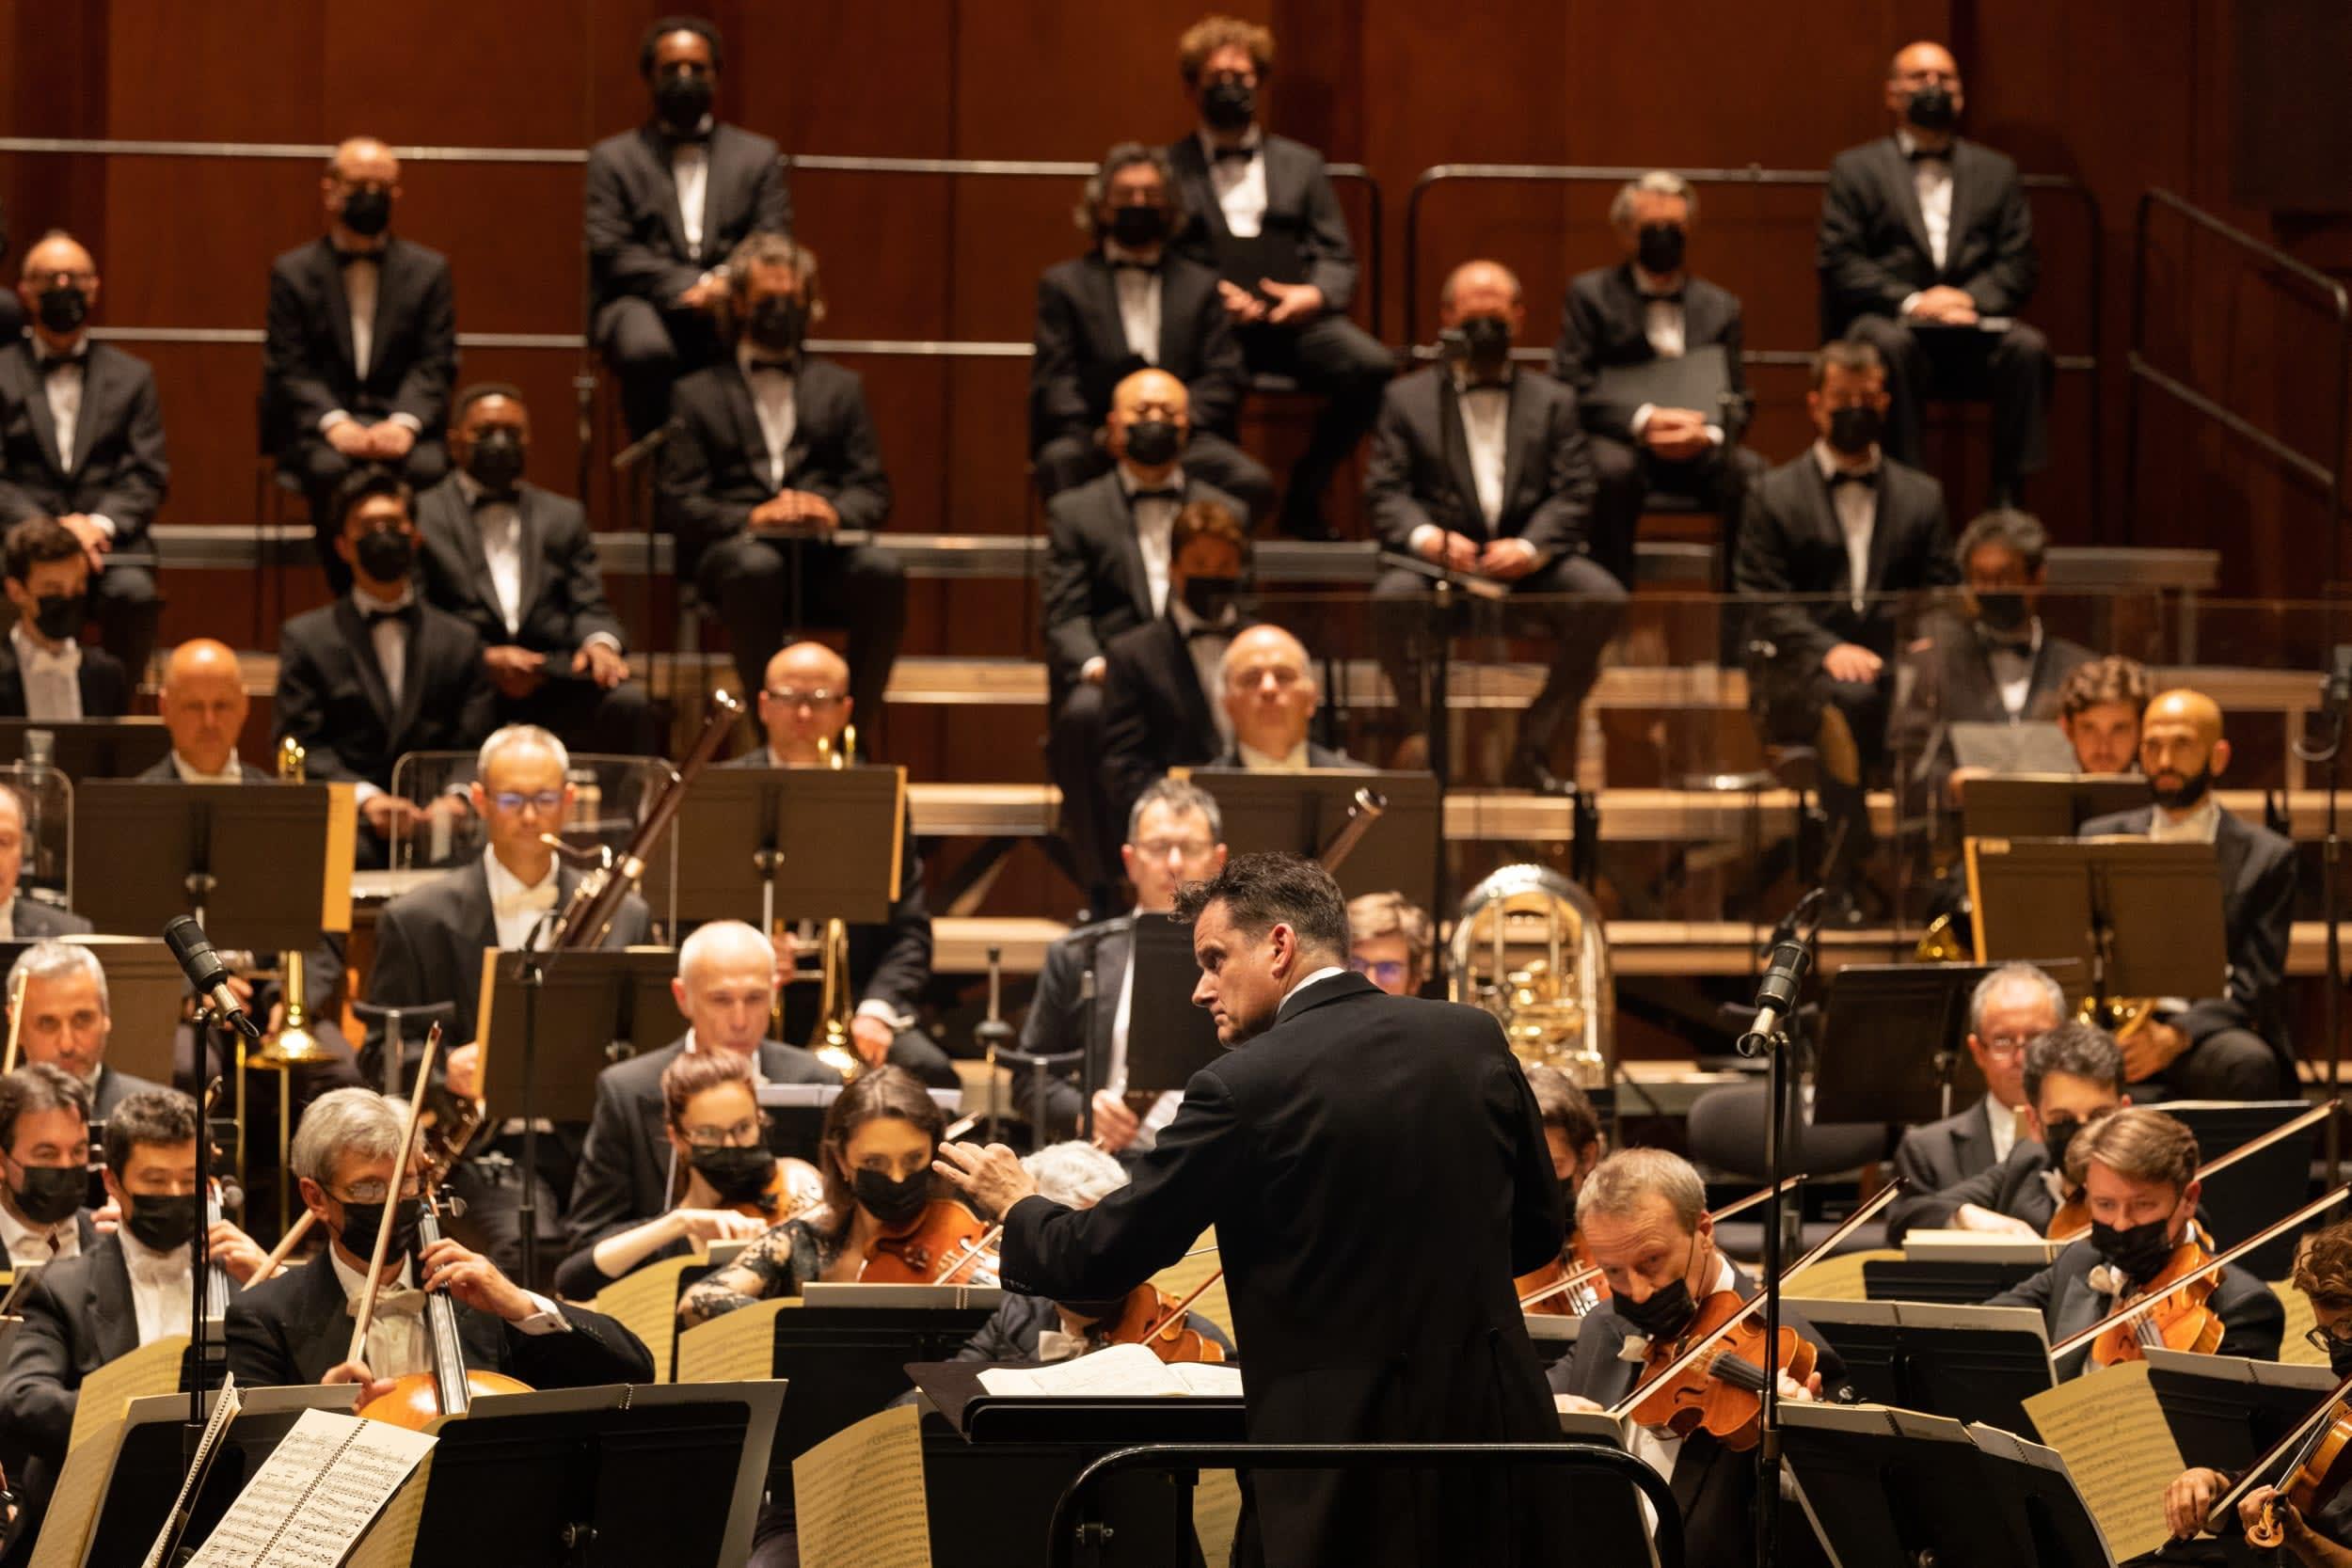 Concert exceptionnel - Philippe Jordan - 4